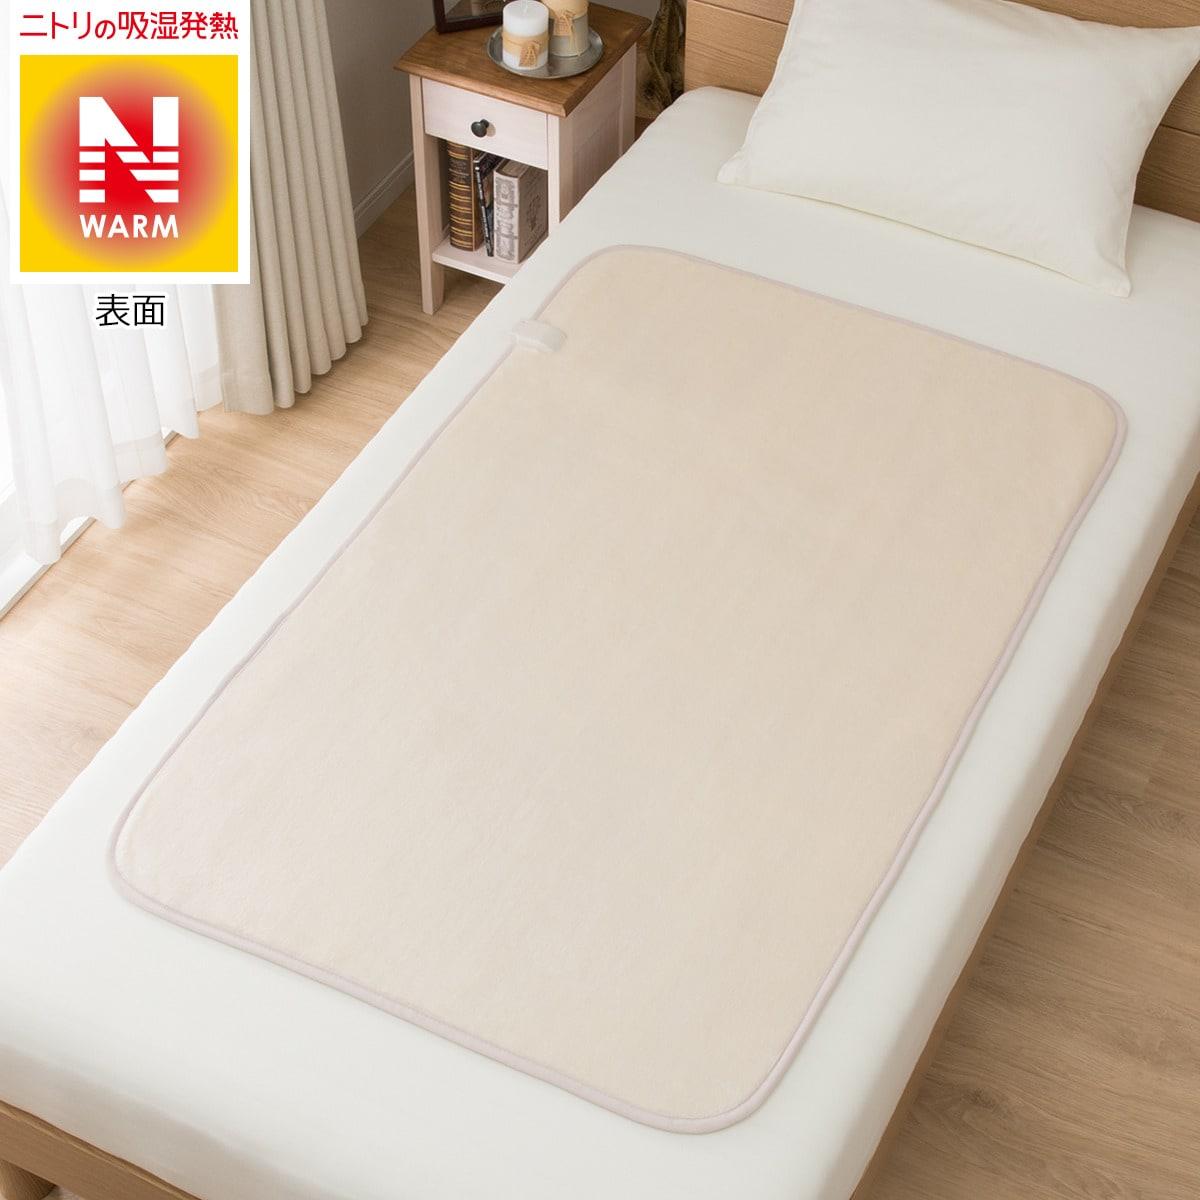 電気敷き毛布(Nウォームo-i NT-401)